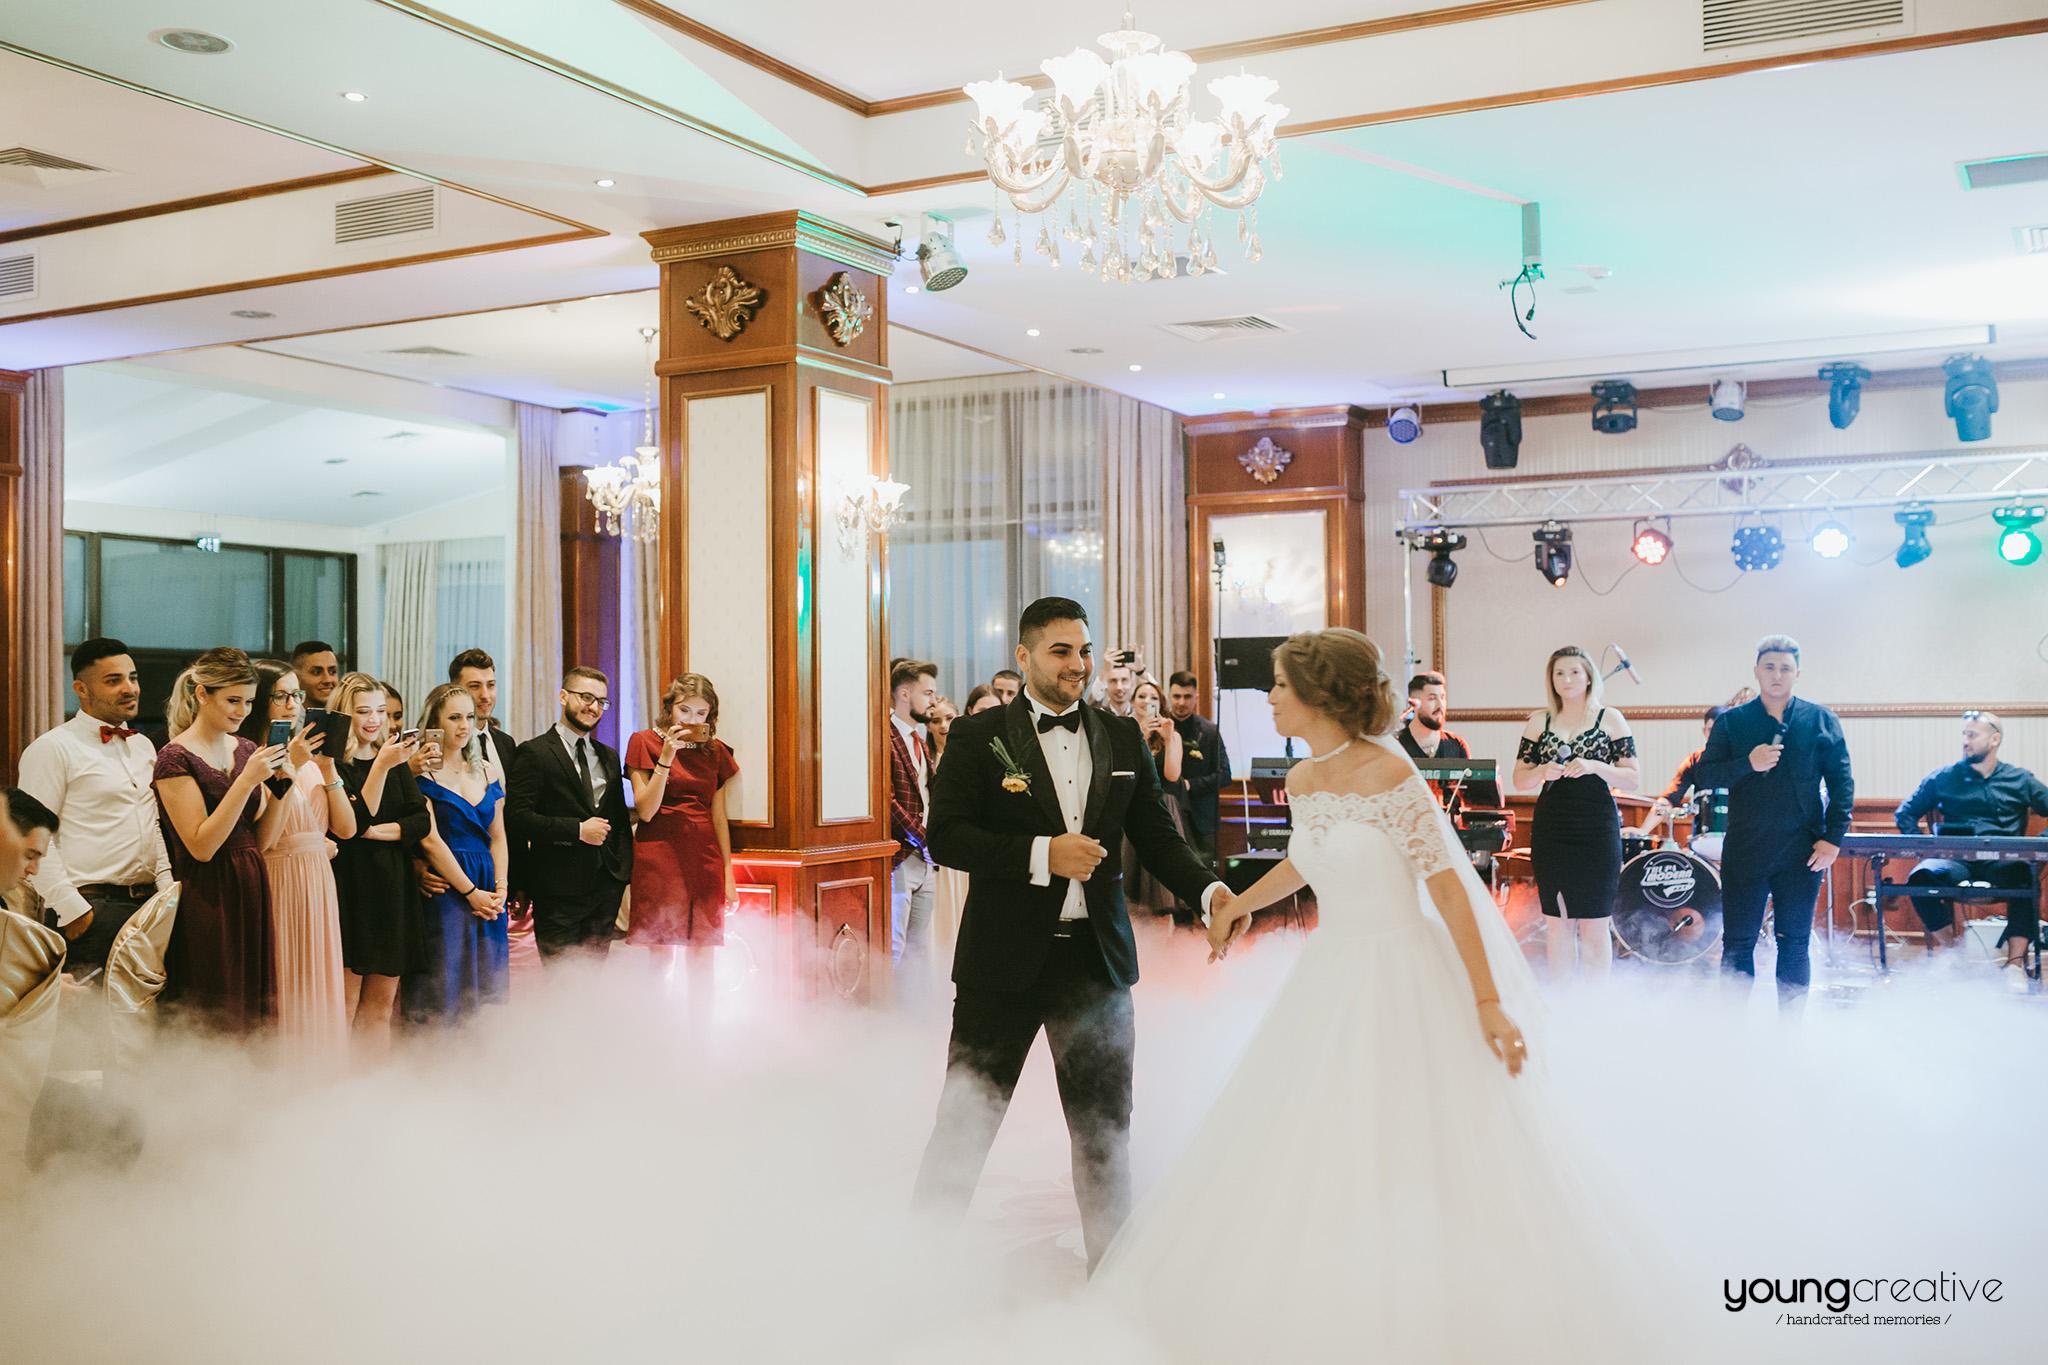 Florut & Nicoleta | youngcreative.info media © Dan Filipciuc, Cristina Bejan | fotografie de nunta Iasi